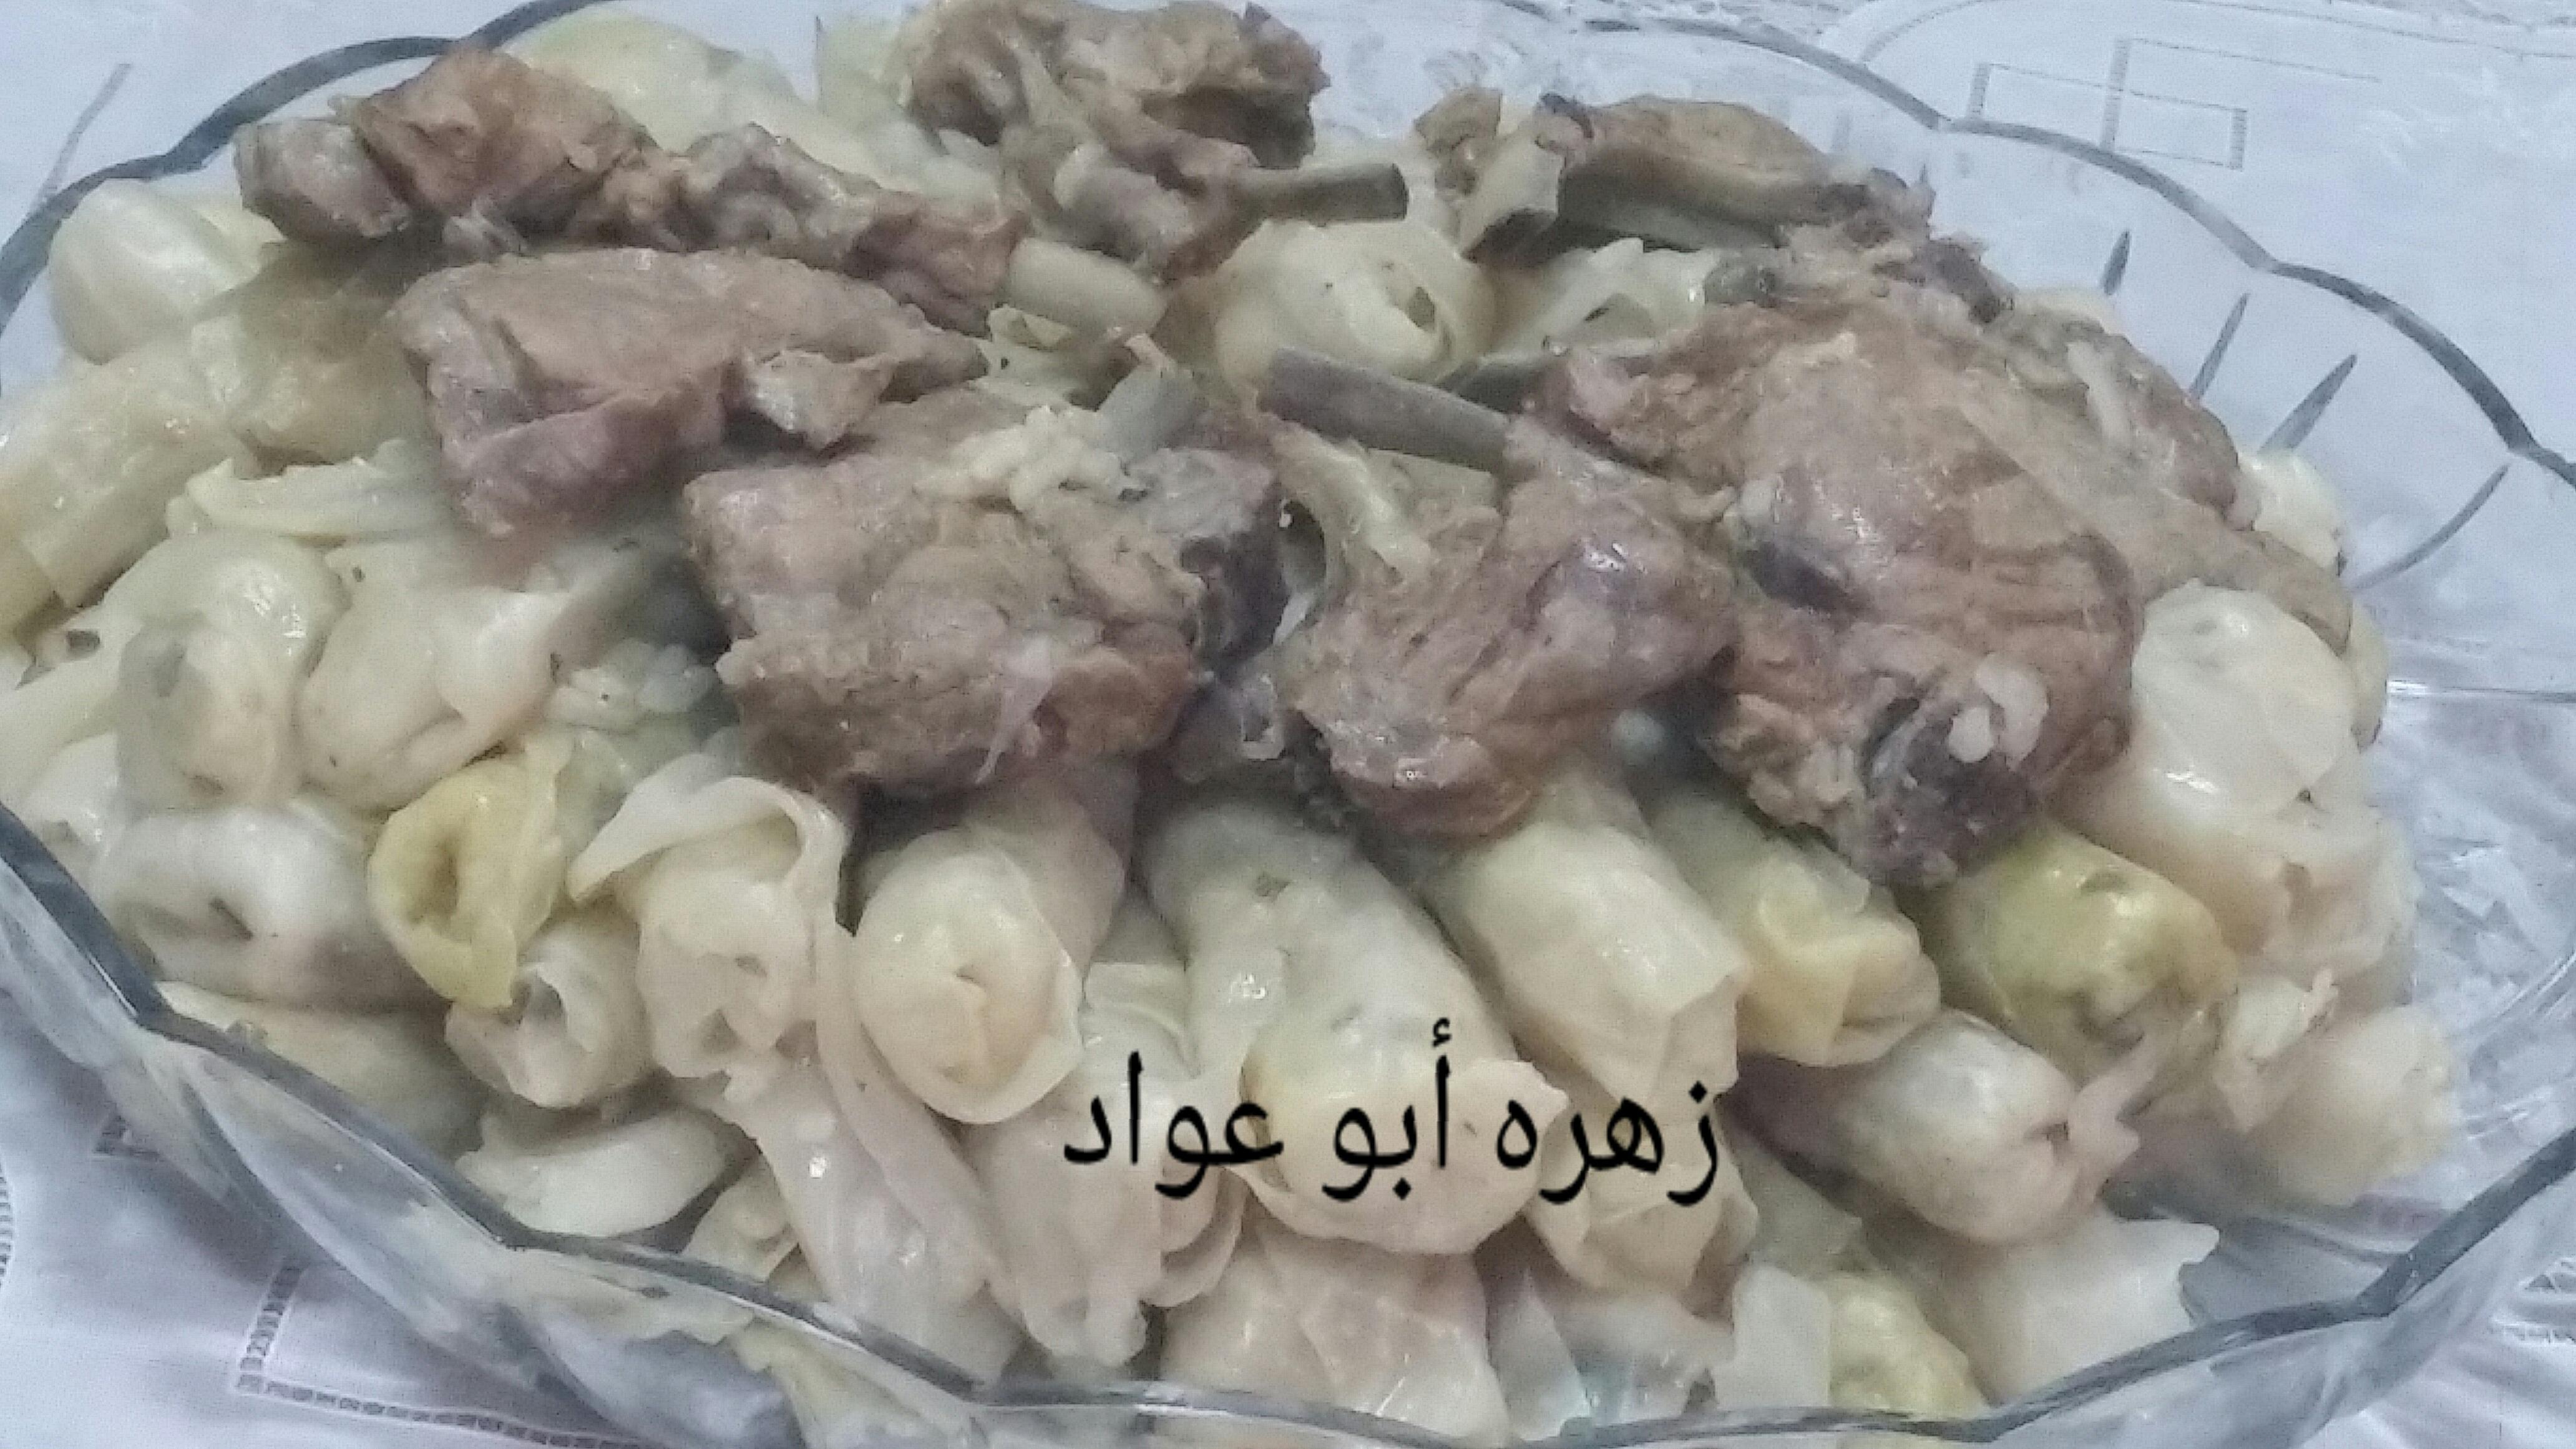 ملفوف بريش اللحمه